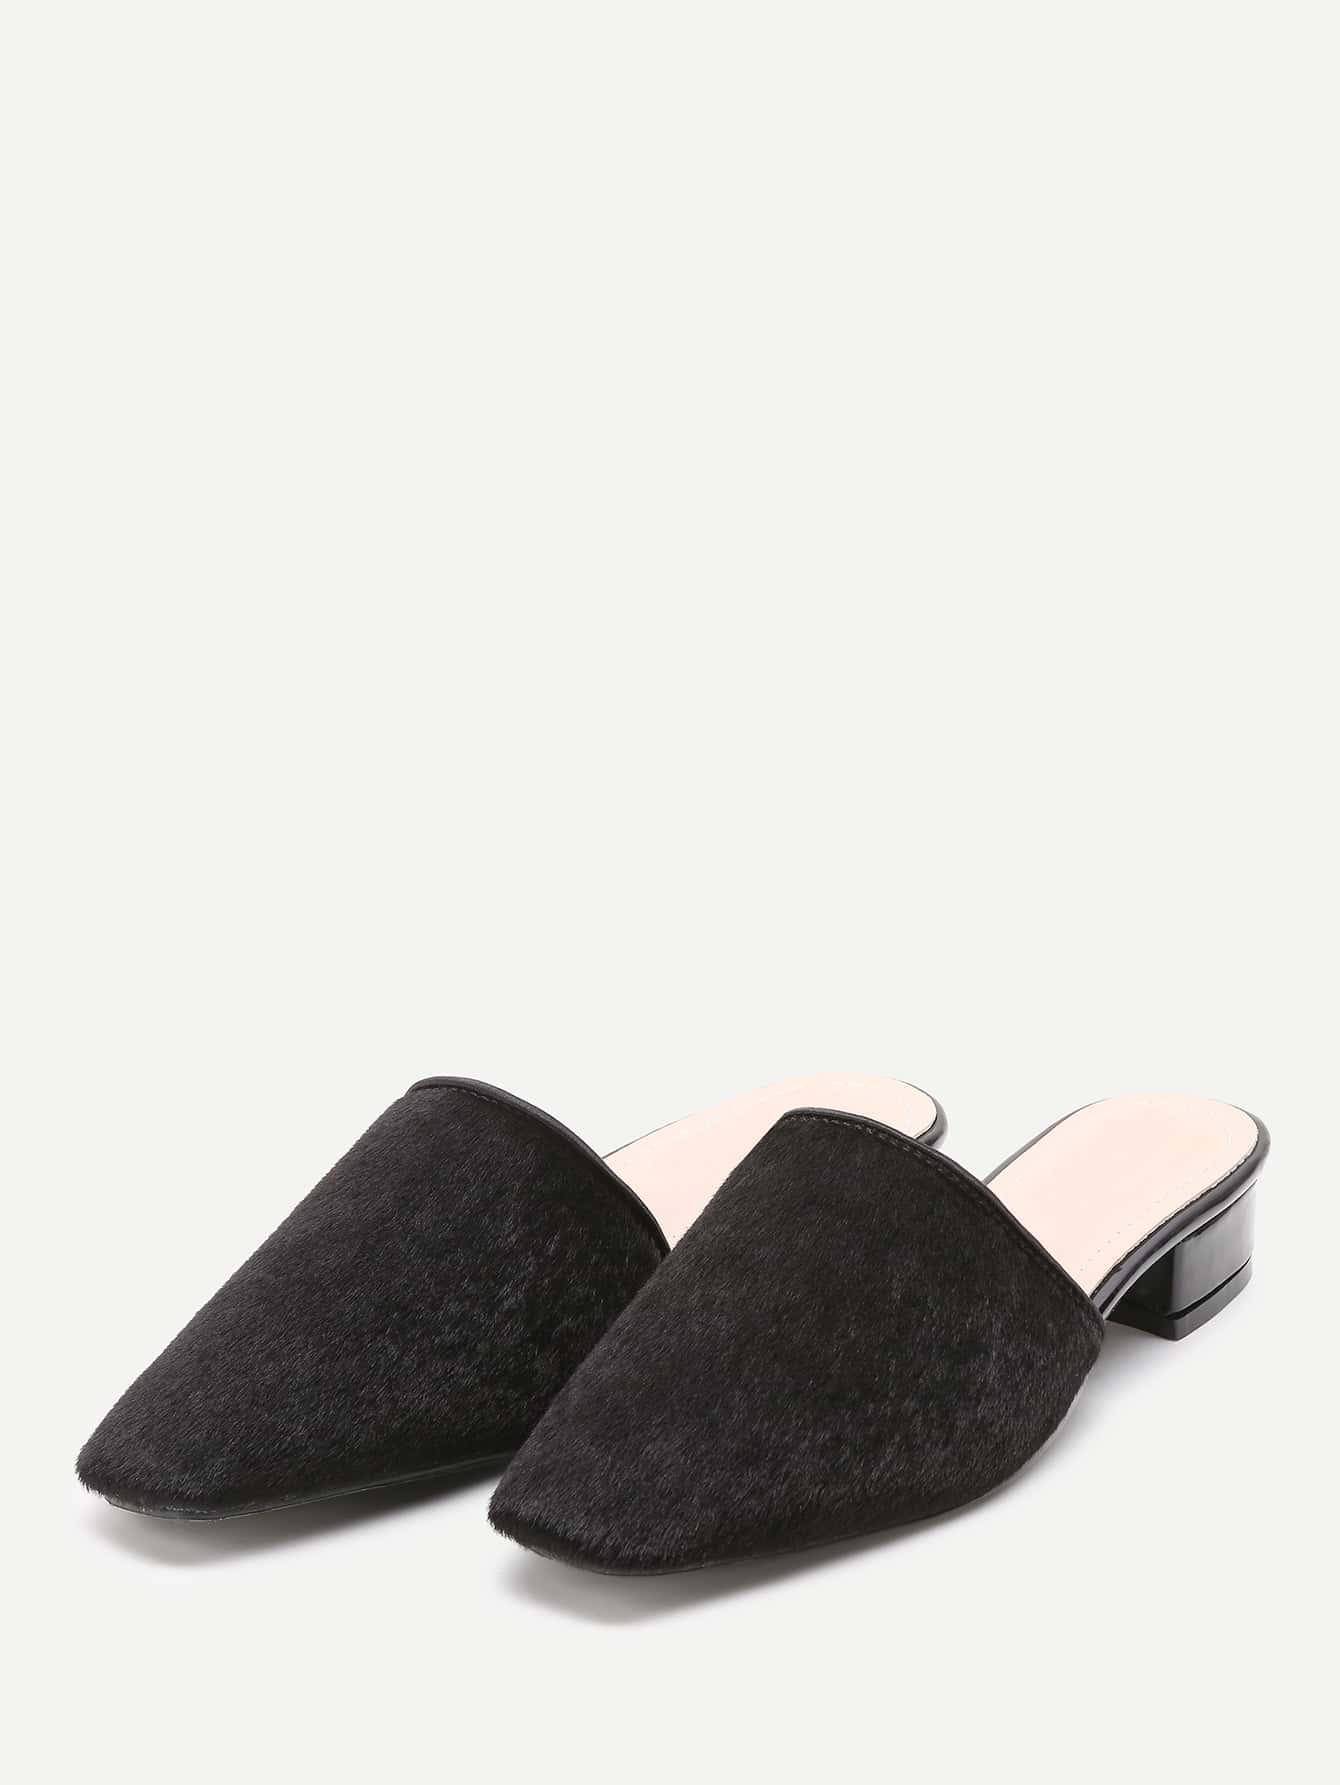 shoes170320812_2